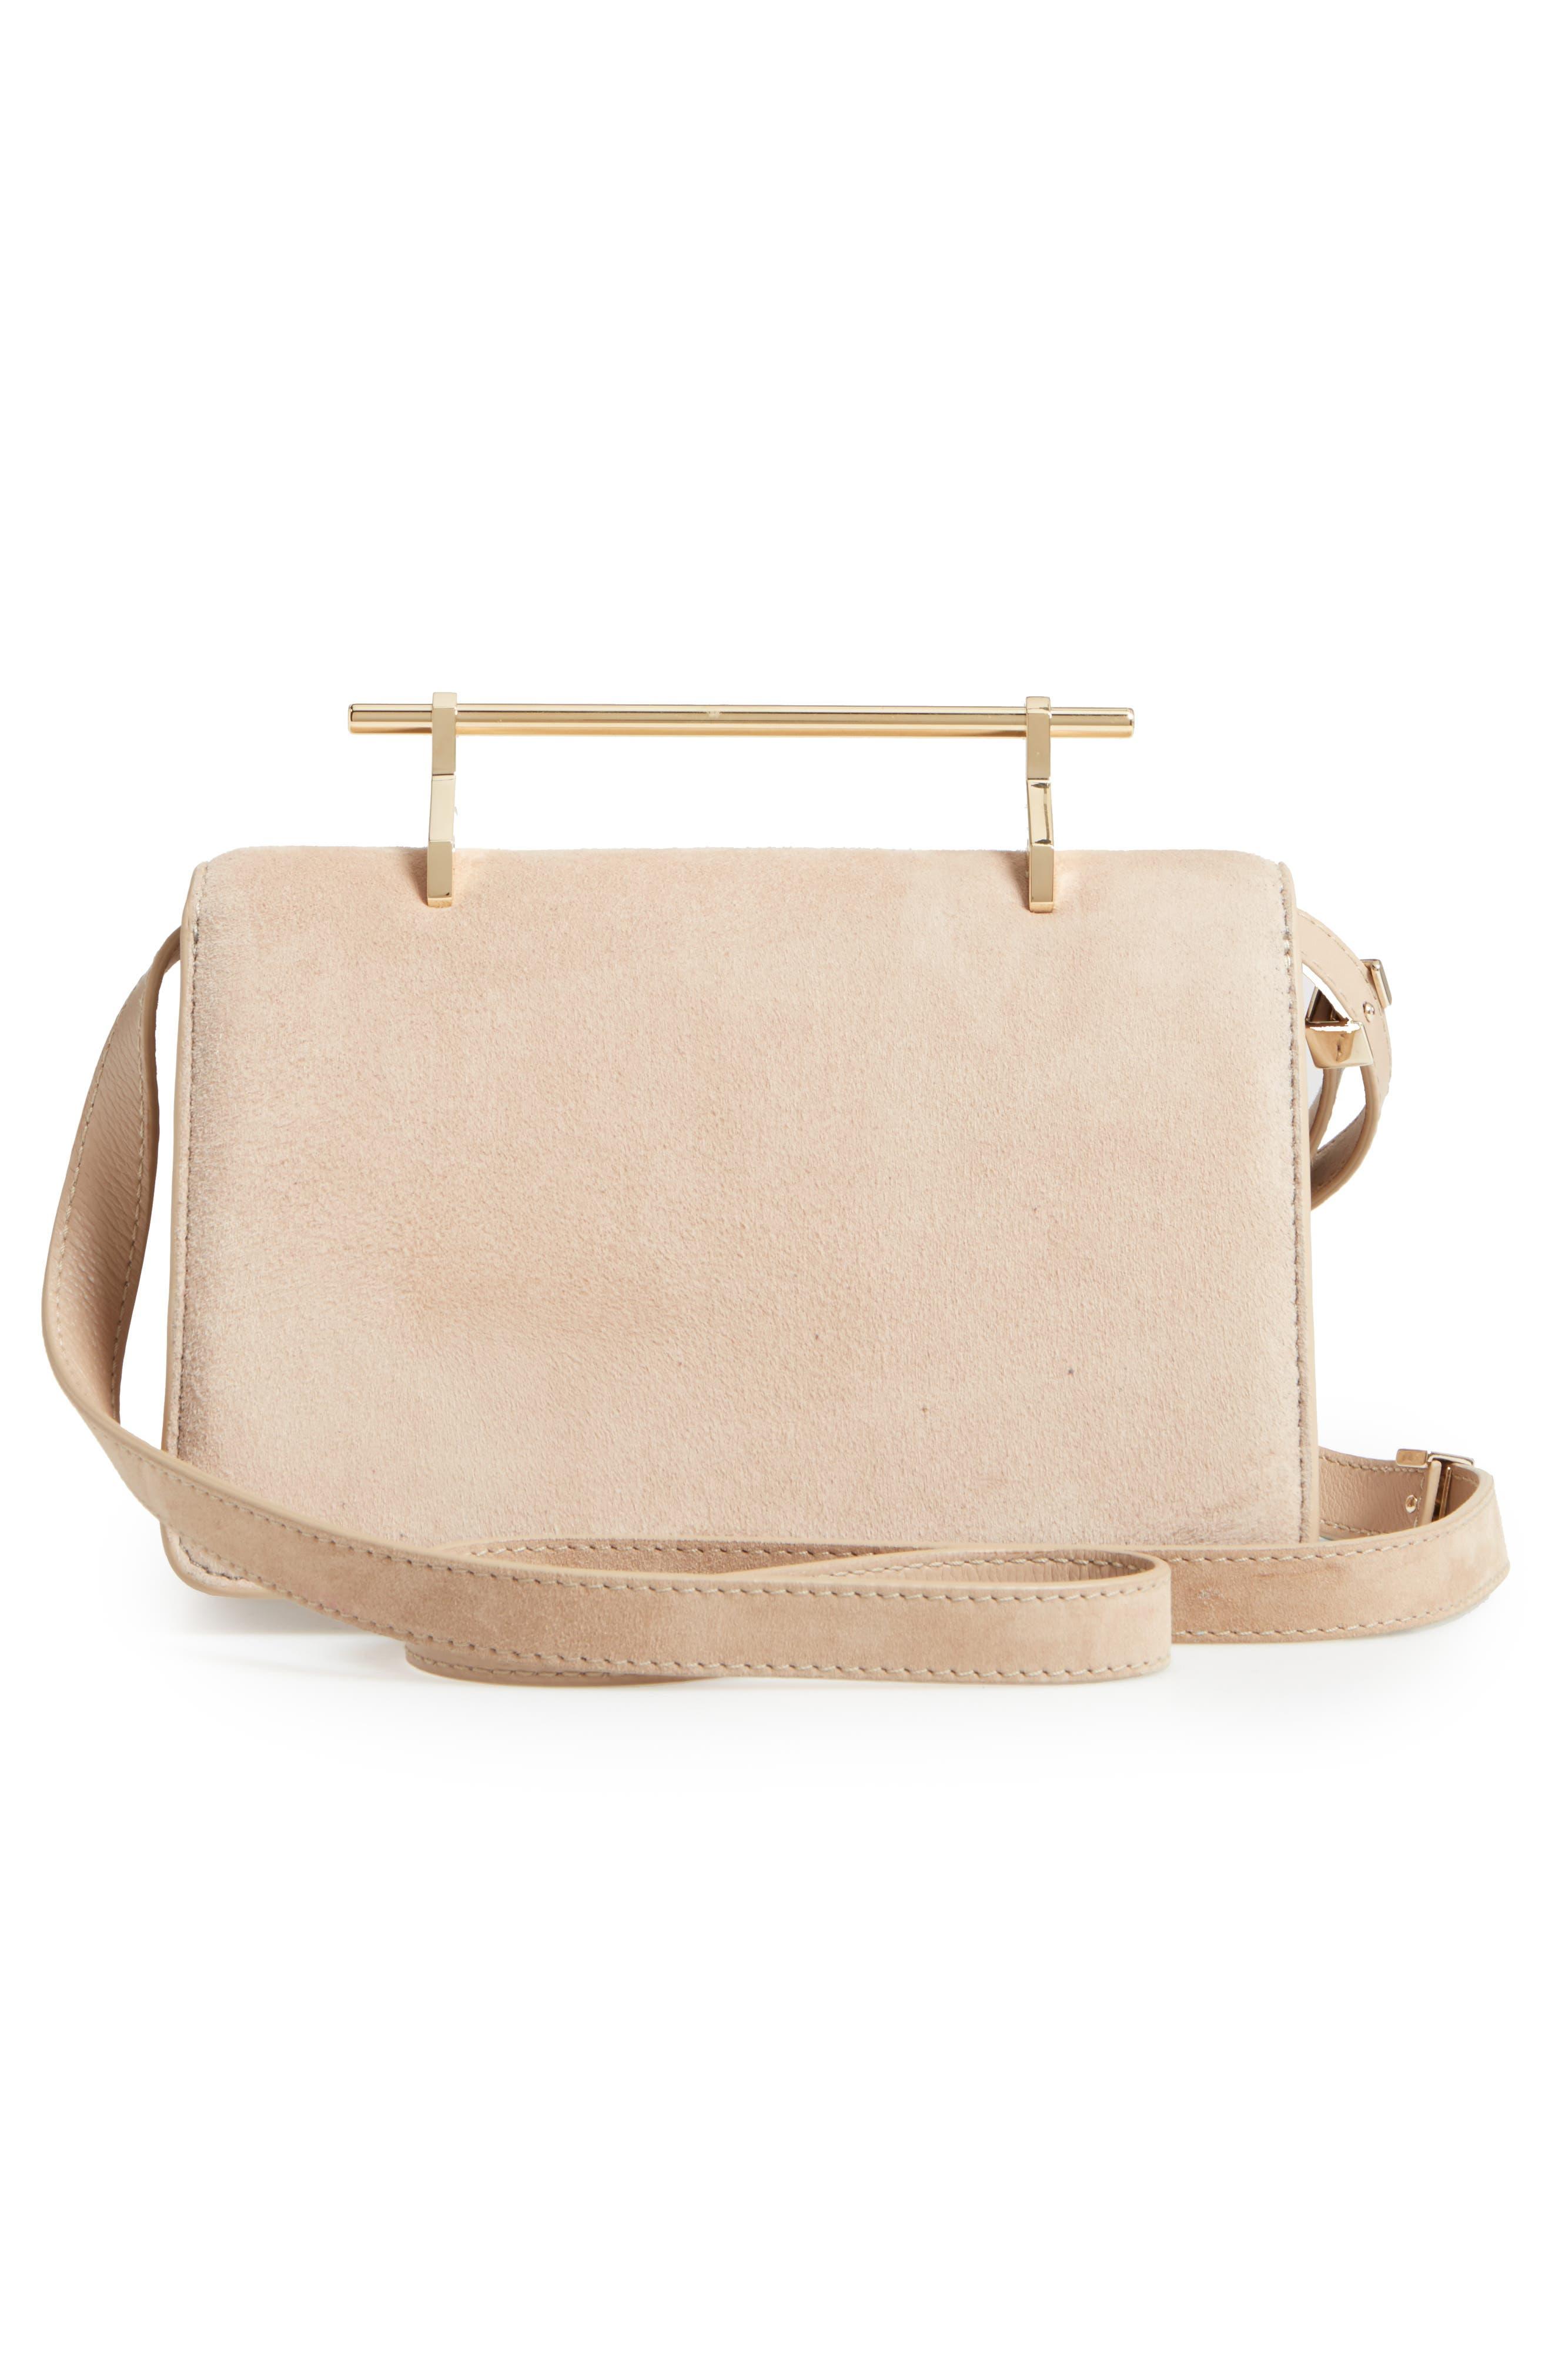 Indre Suede Shoulder Bag,                             Alternate thumbnail 3, color,                             200